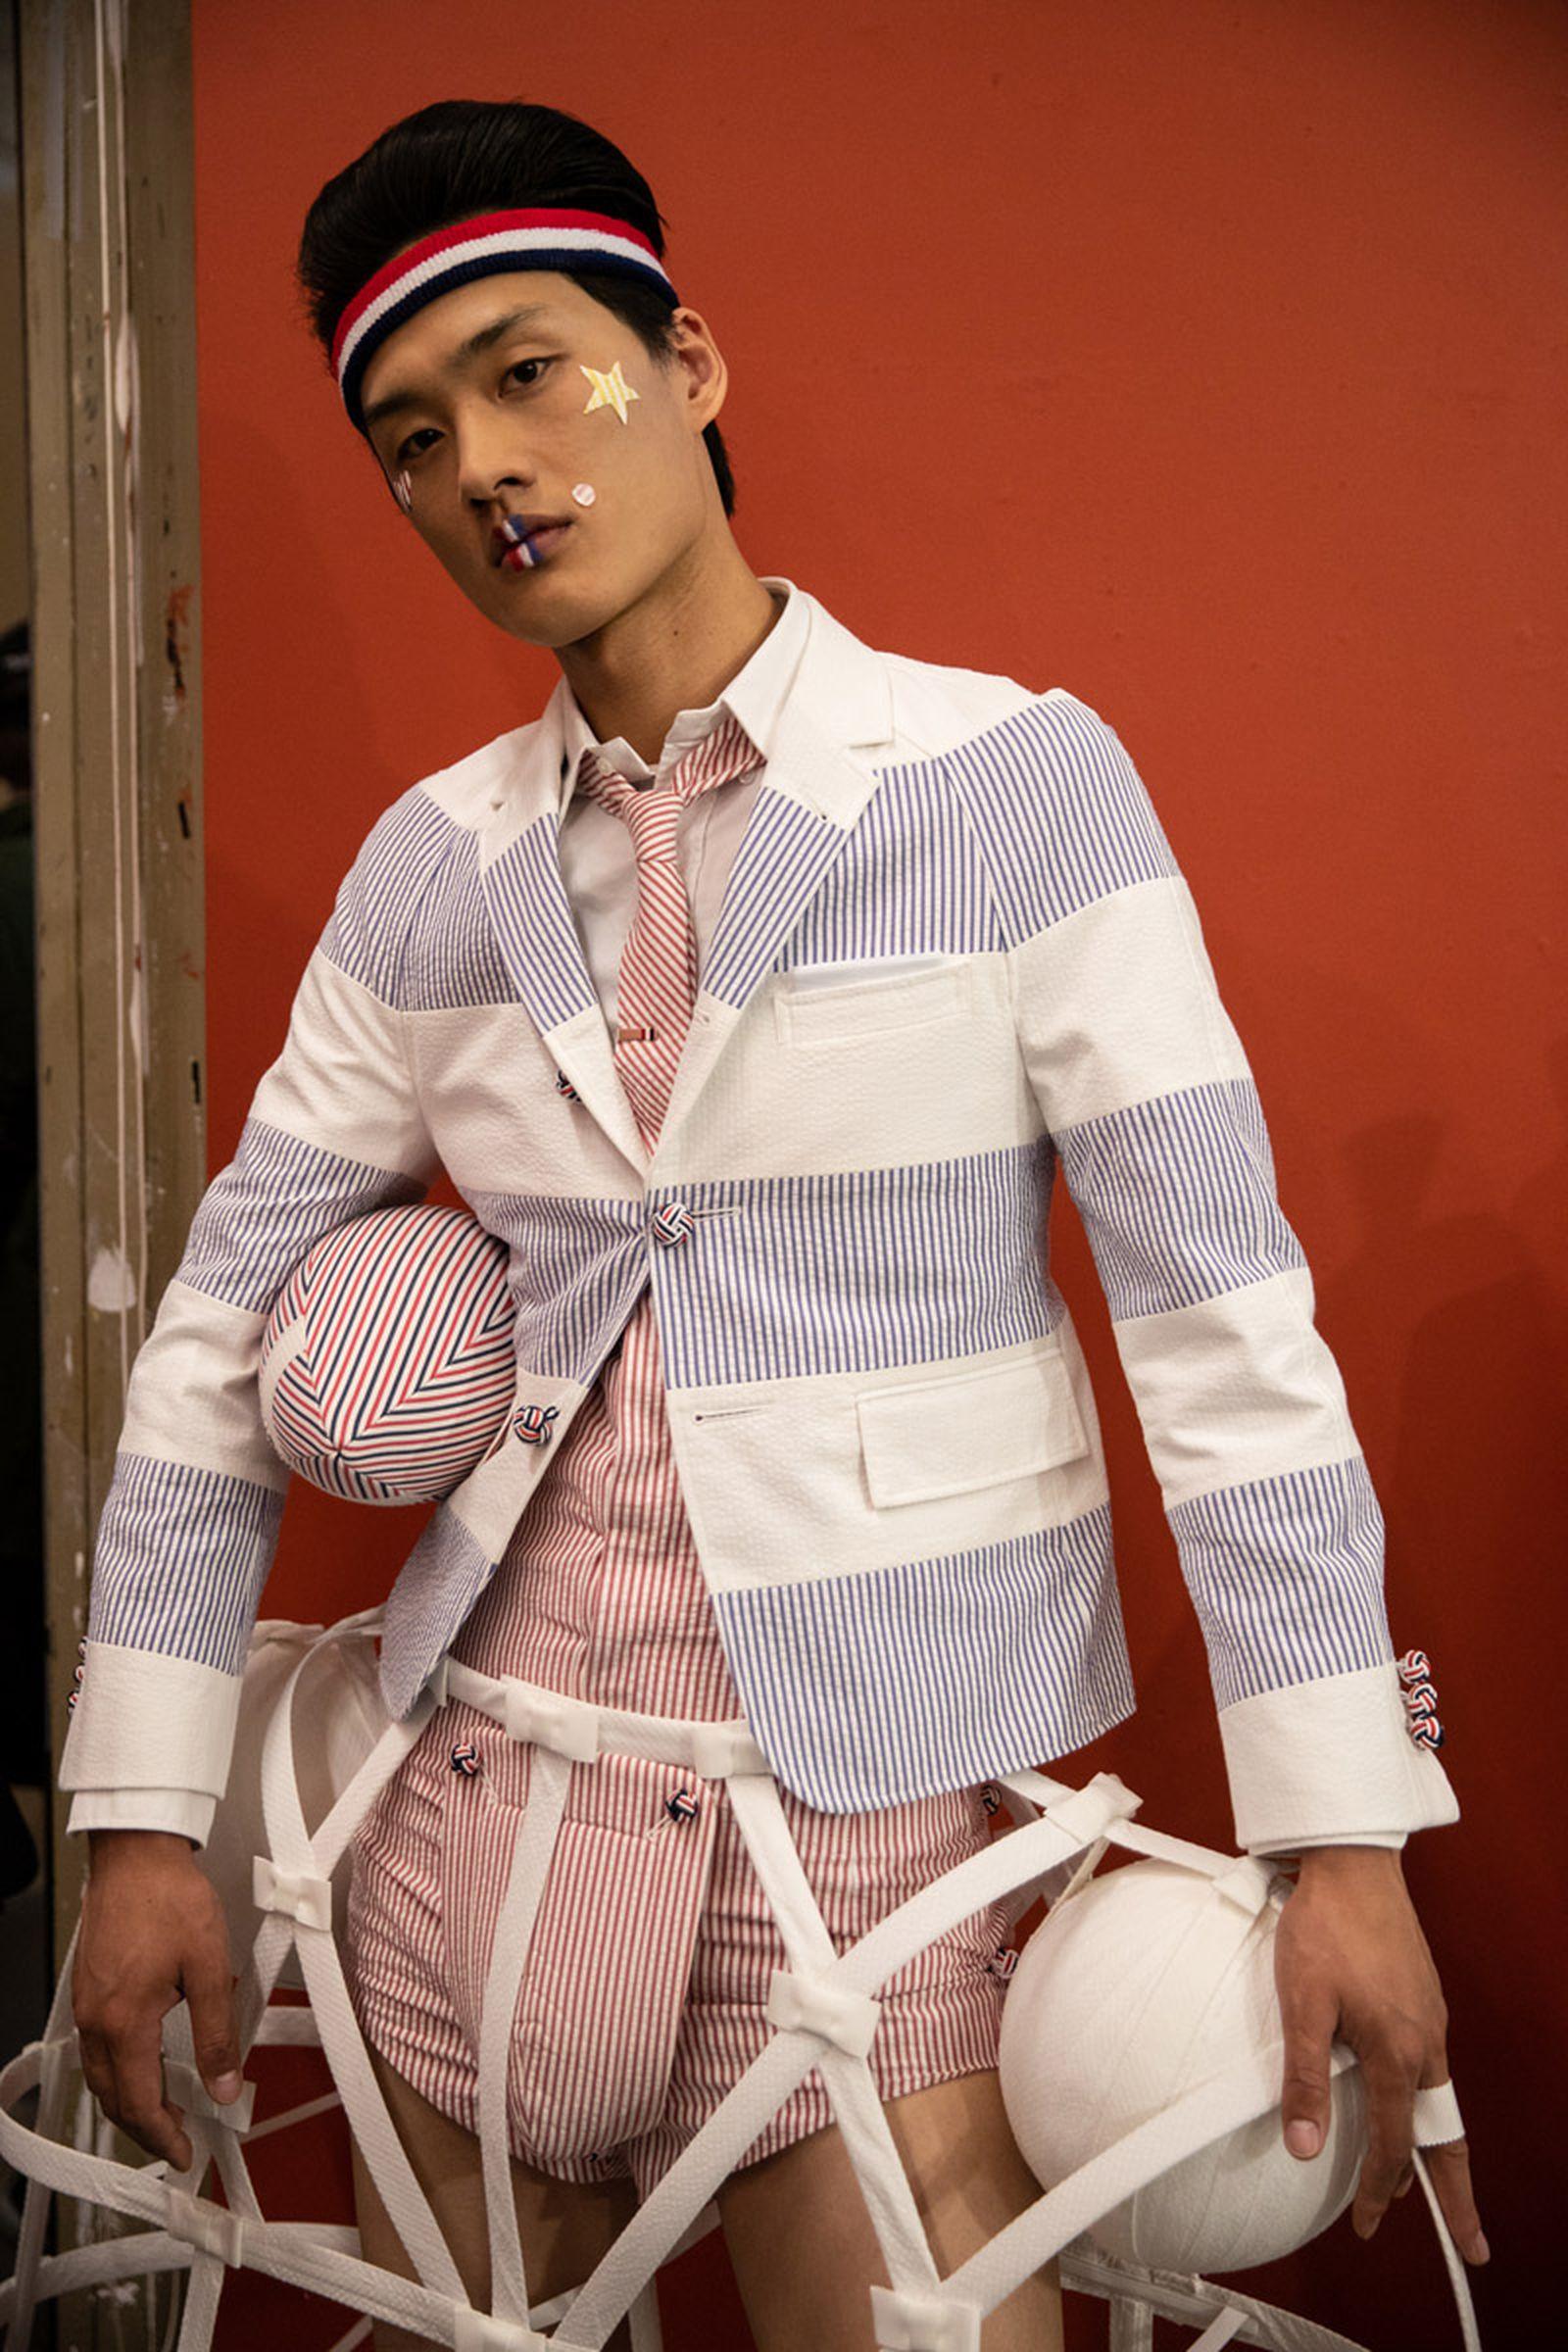 MSS20 Paris Thom Browne Eva Al Desnudo For web 06 paris fashion week runway